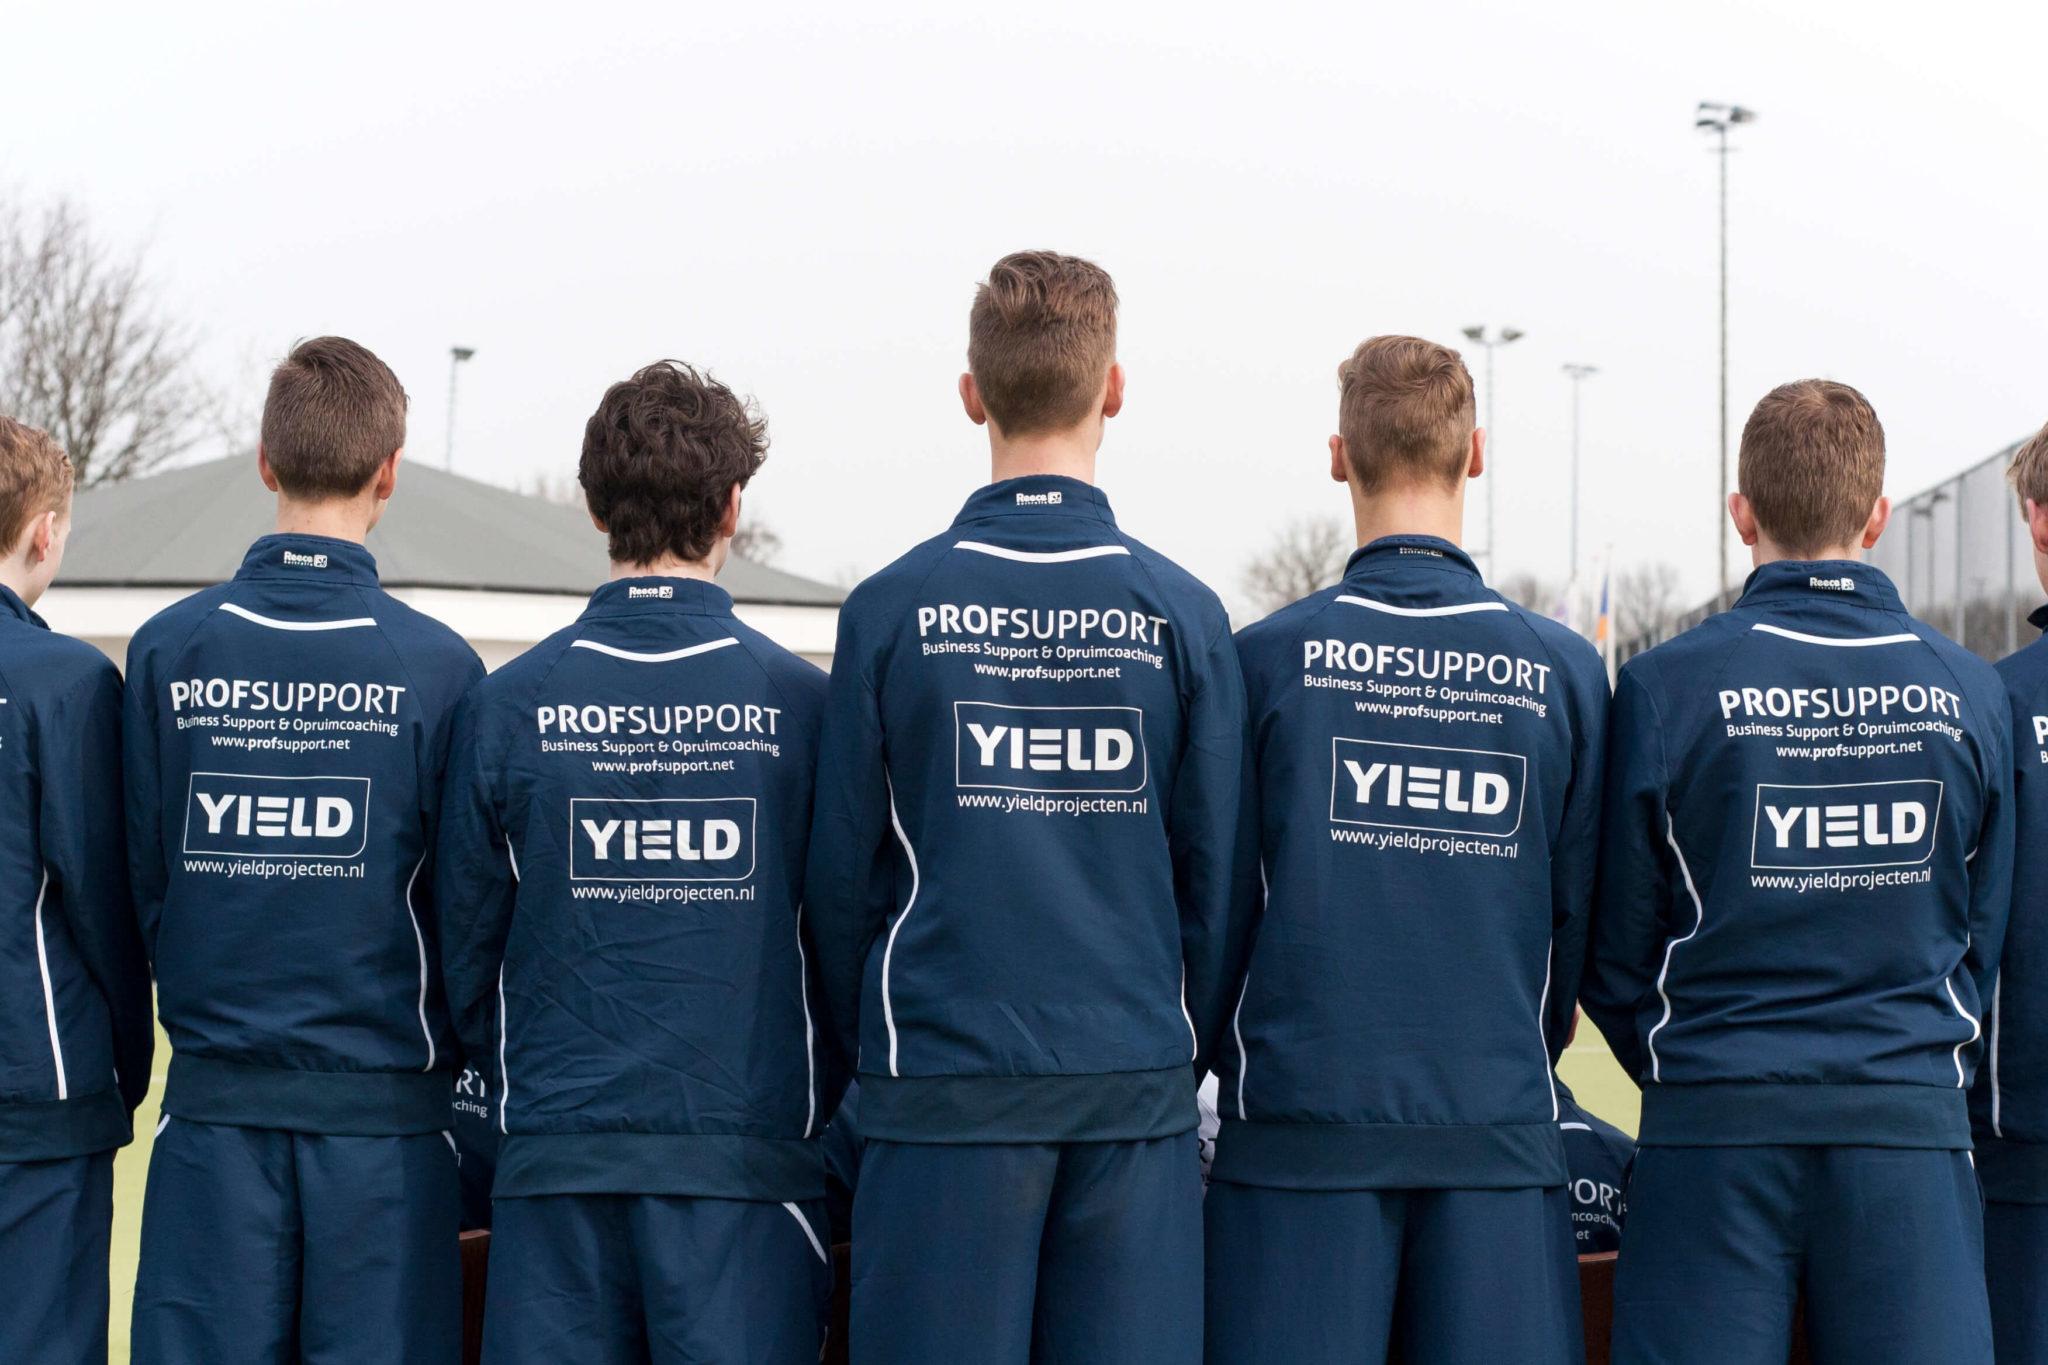 Yield sponsor van NHC De IJssel